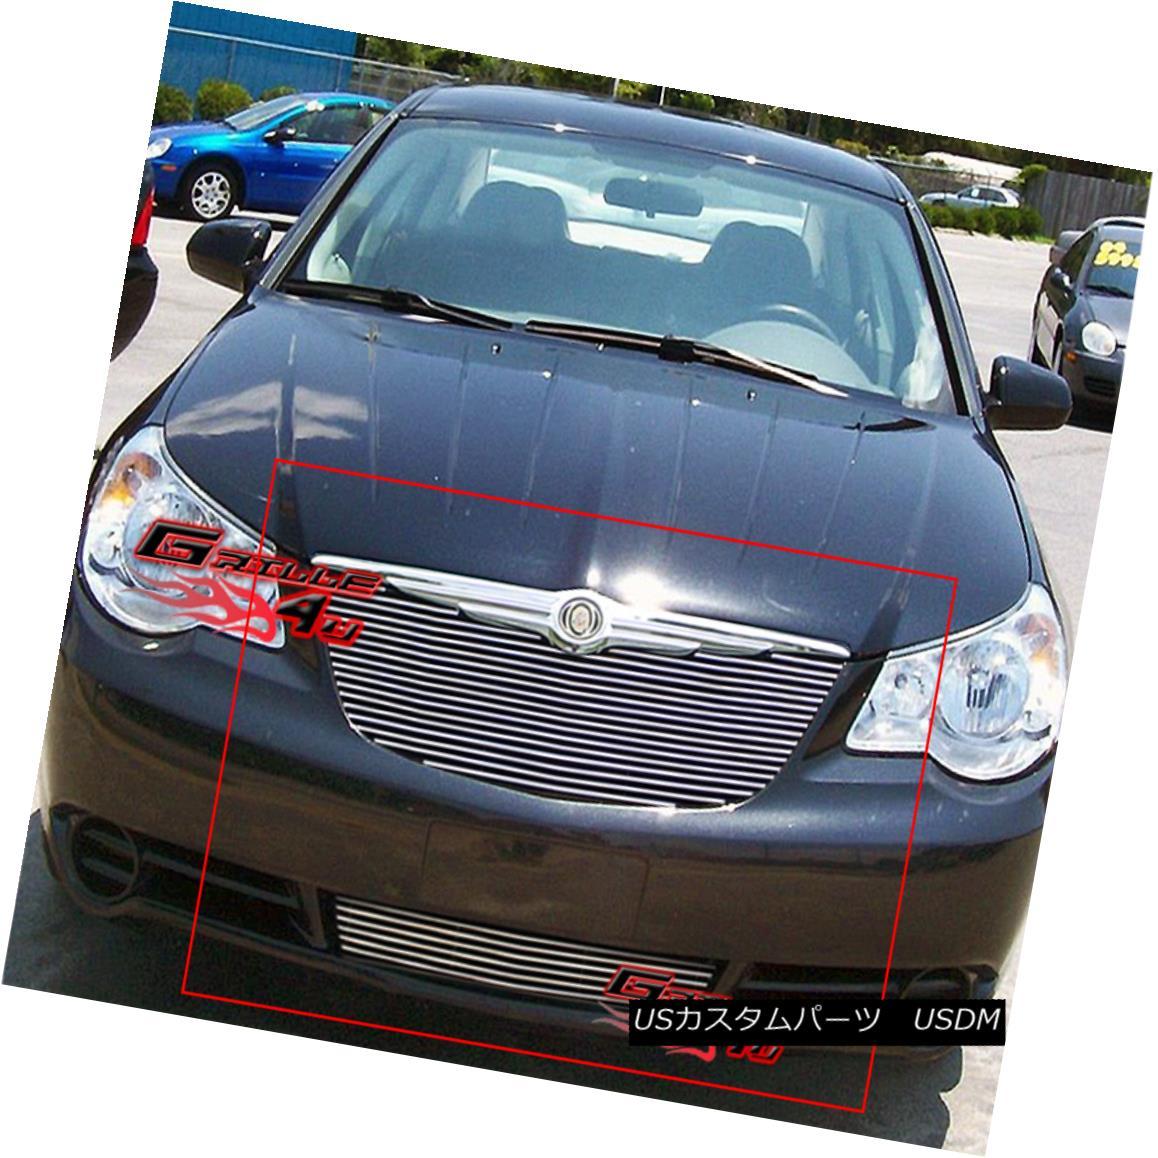 グリル Fits 2007-2008 Chrysler Sebring Billet Grille Insert 2007?2008年のクライスラーセブリングビレットグリルインサート